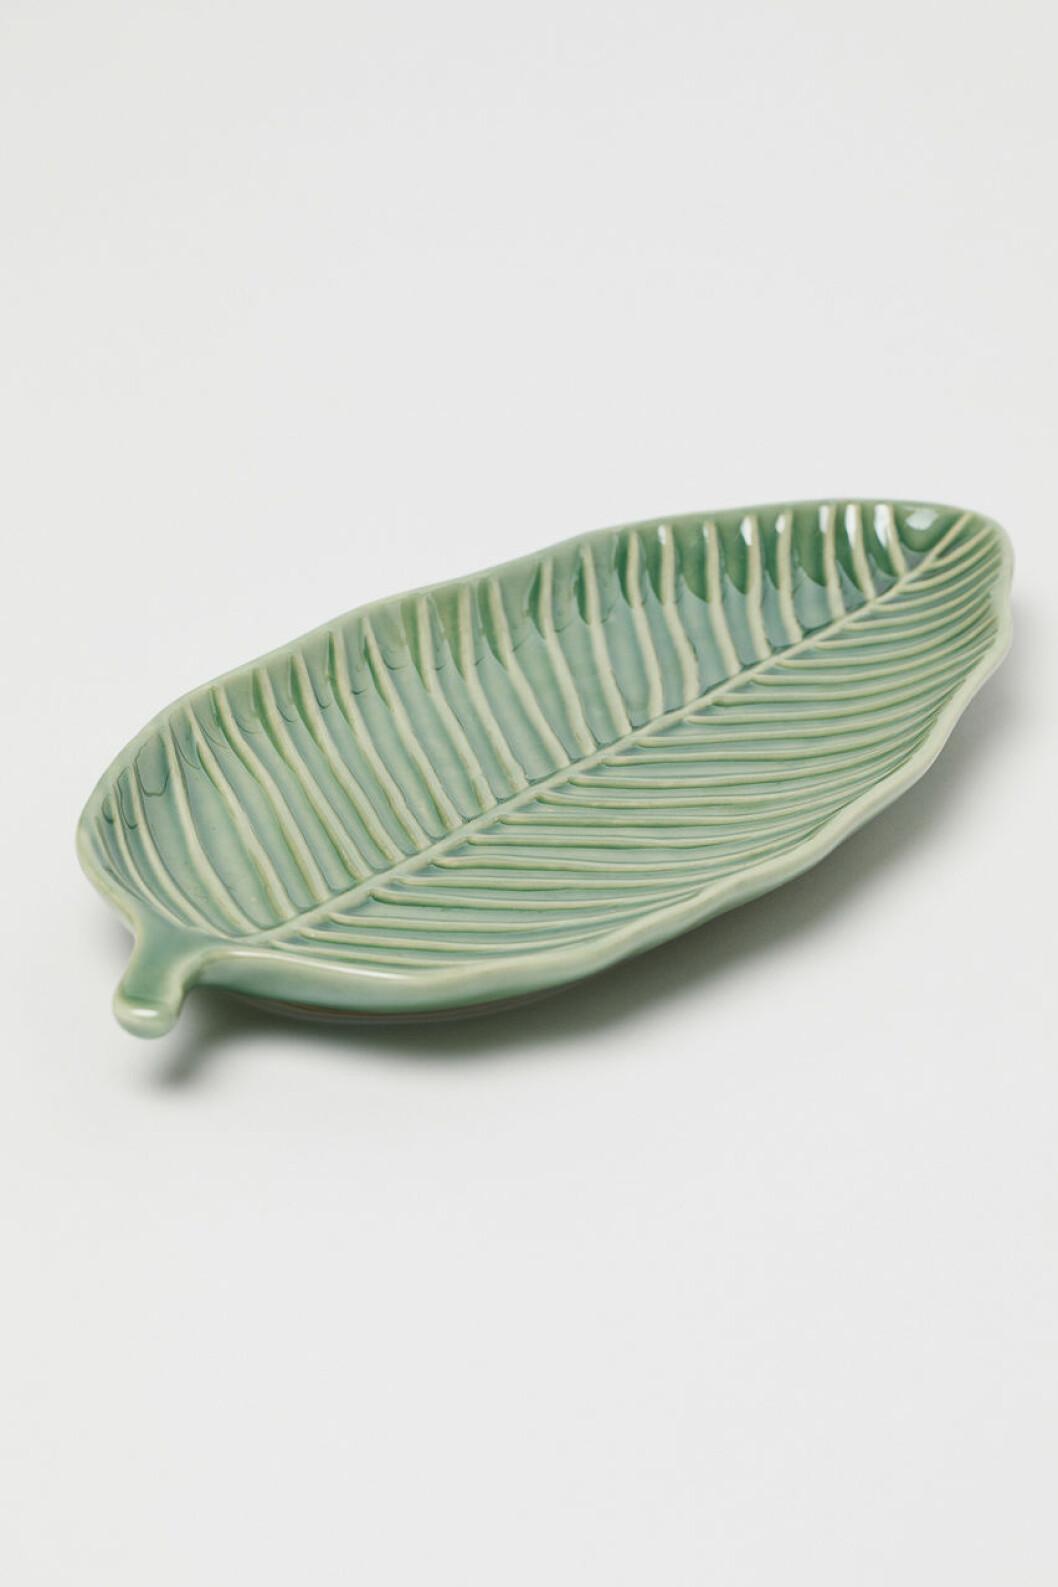 Grönt keramikfat i form av ett blad, H&M Home 2019.